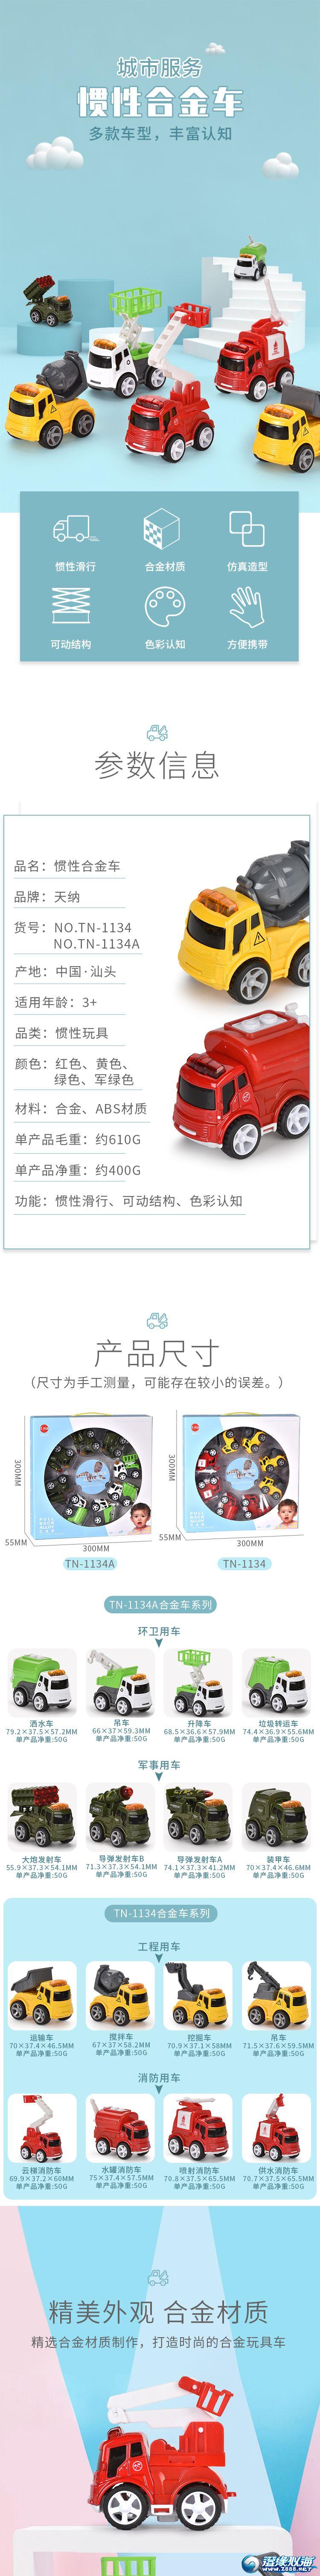 天纳玩具厂-(1134、1134A)-合金车-中文版详情_01.jpg